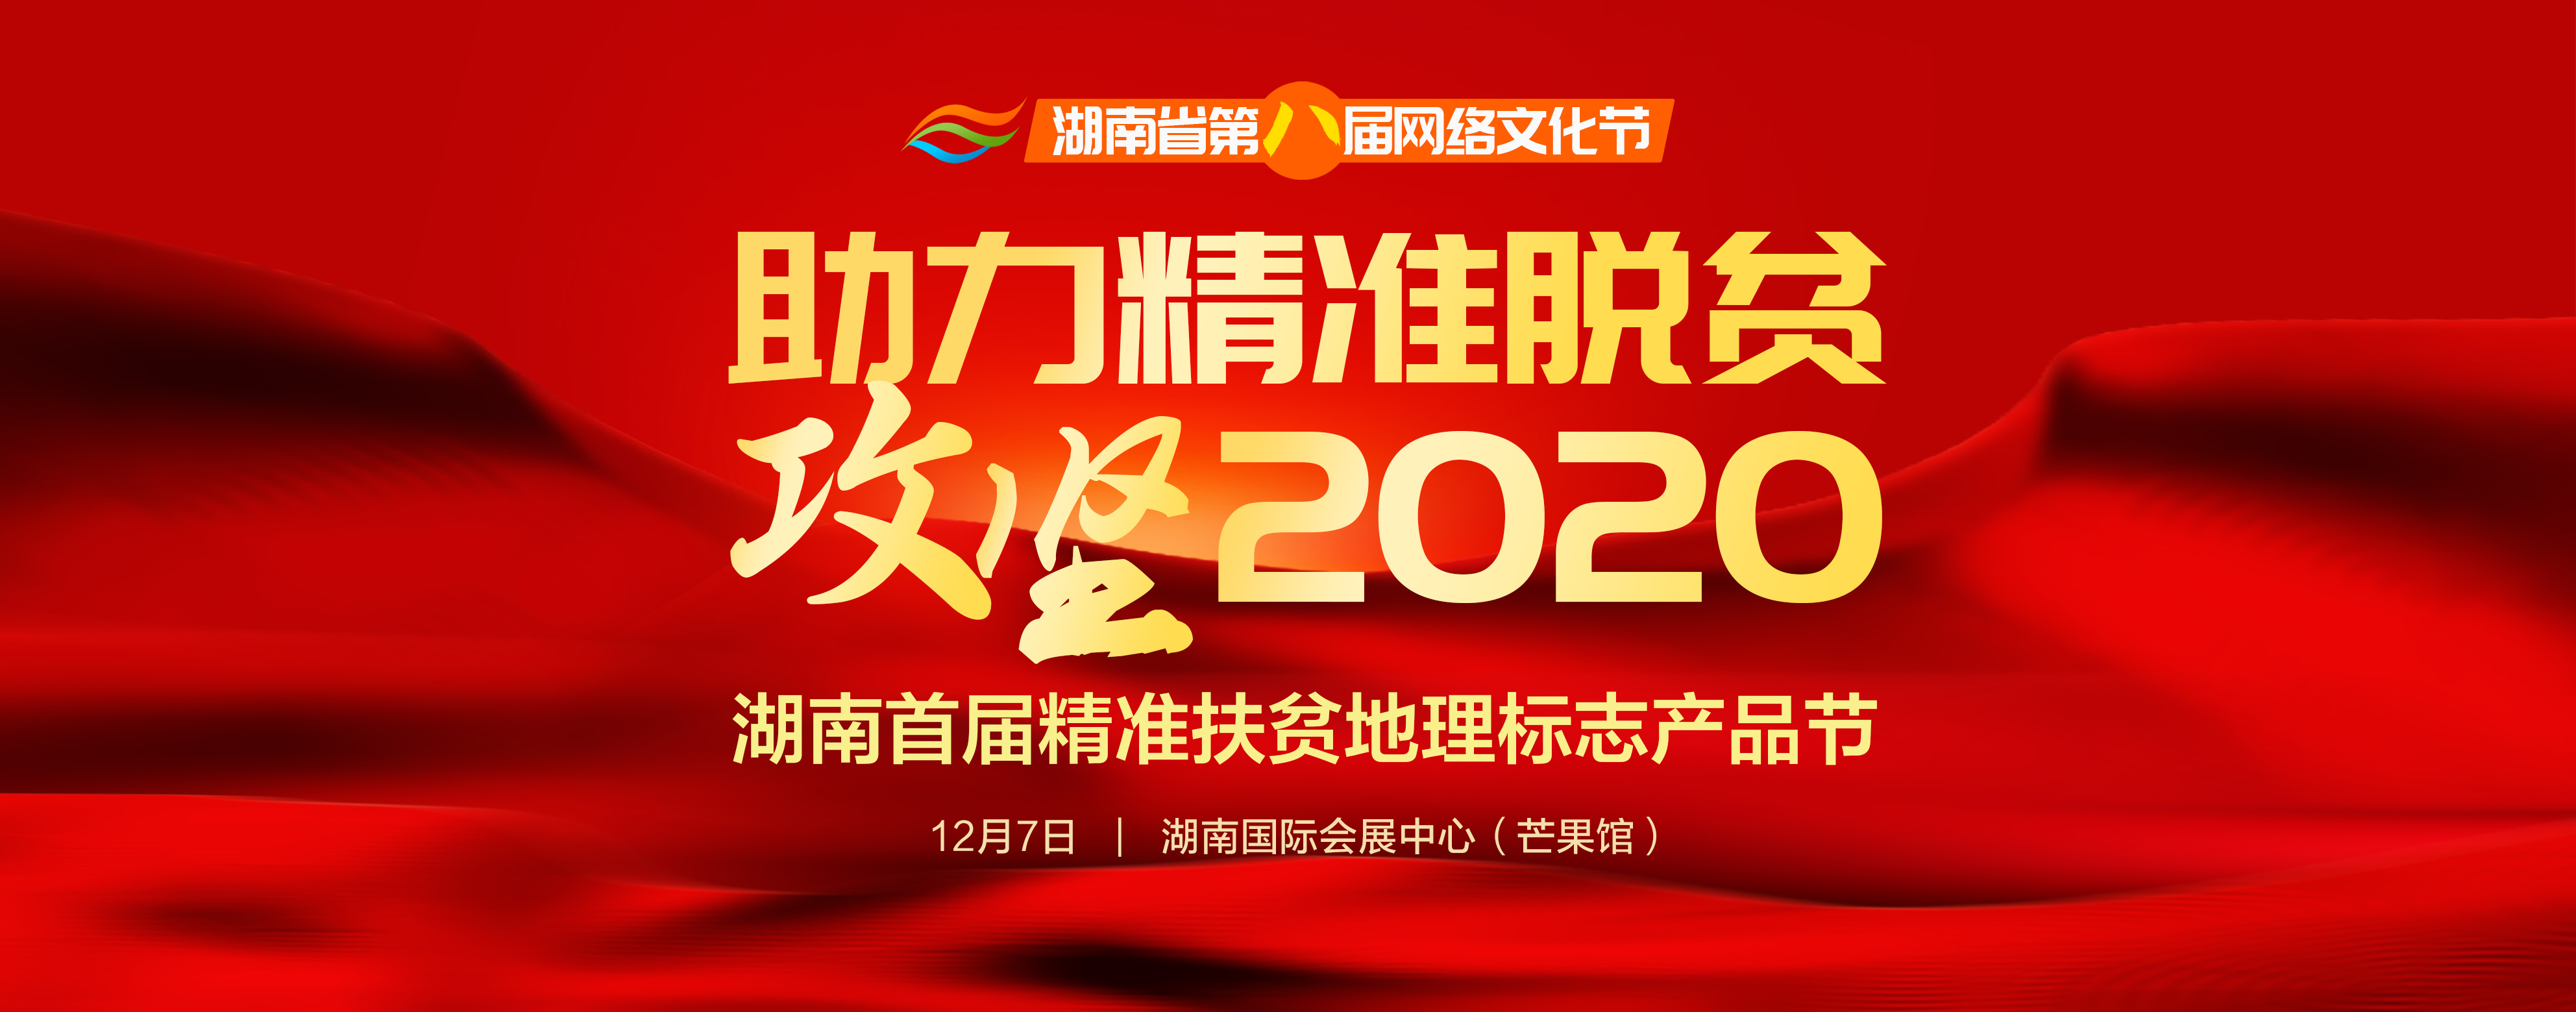 华声直播>>湖南省首届精准扶贫地理标志产品节开幕